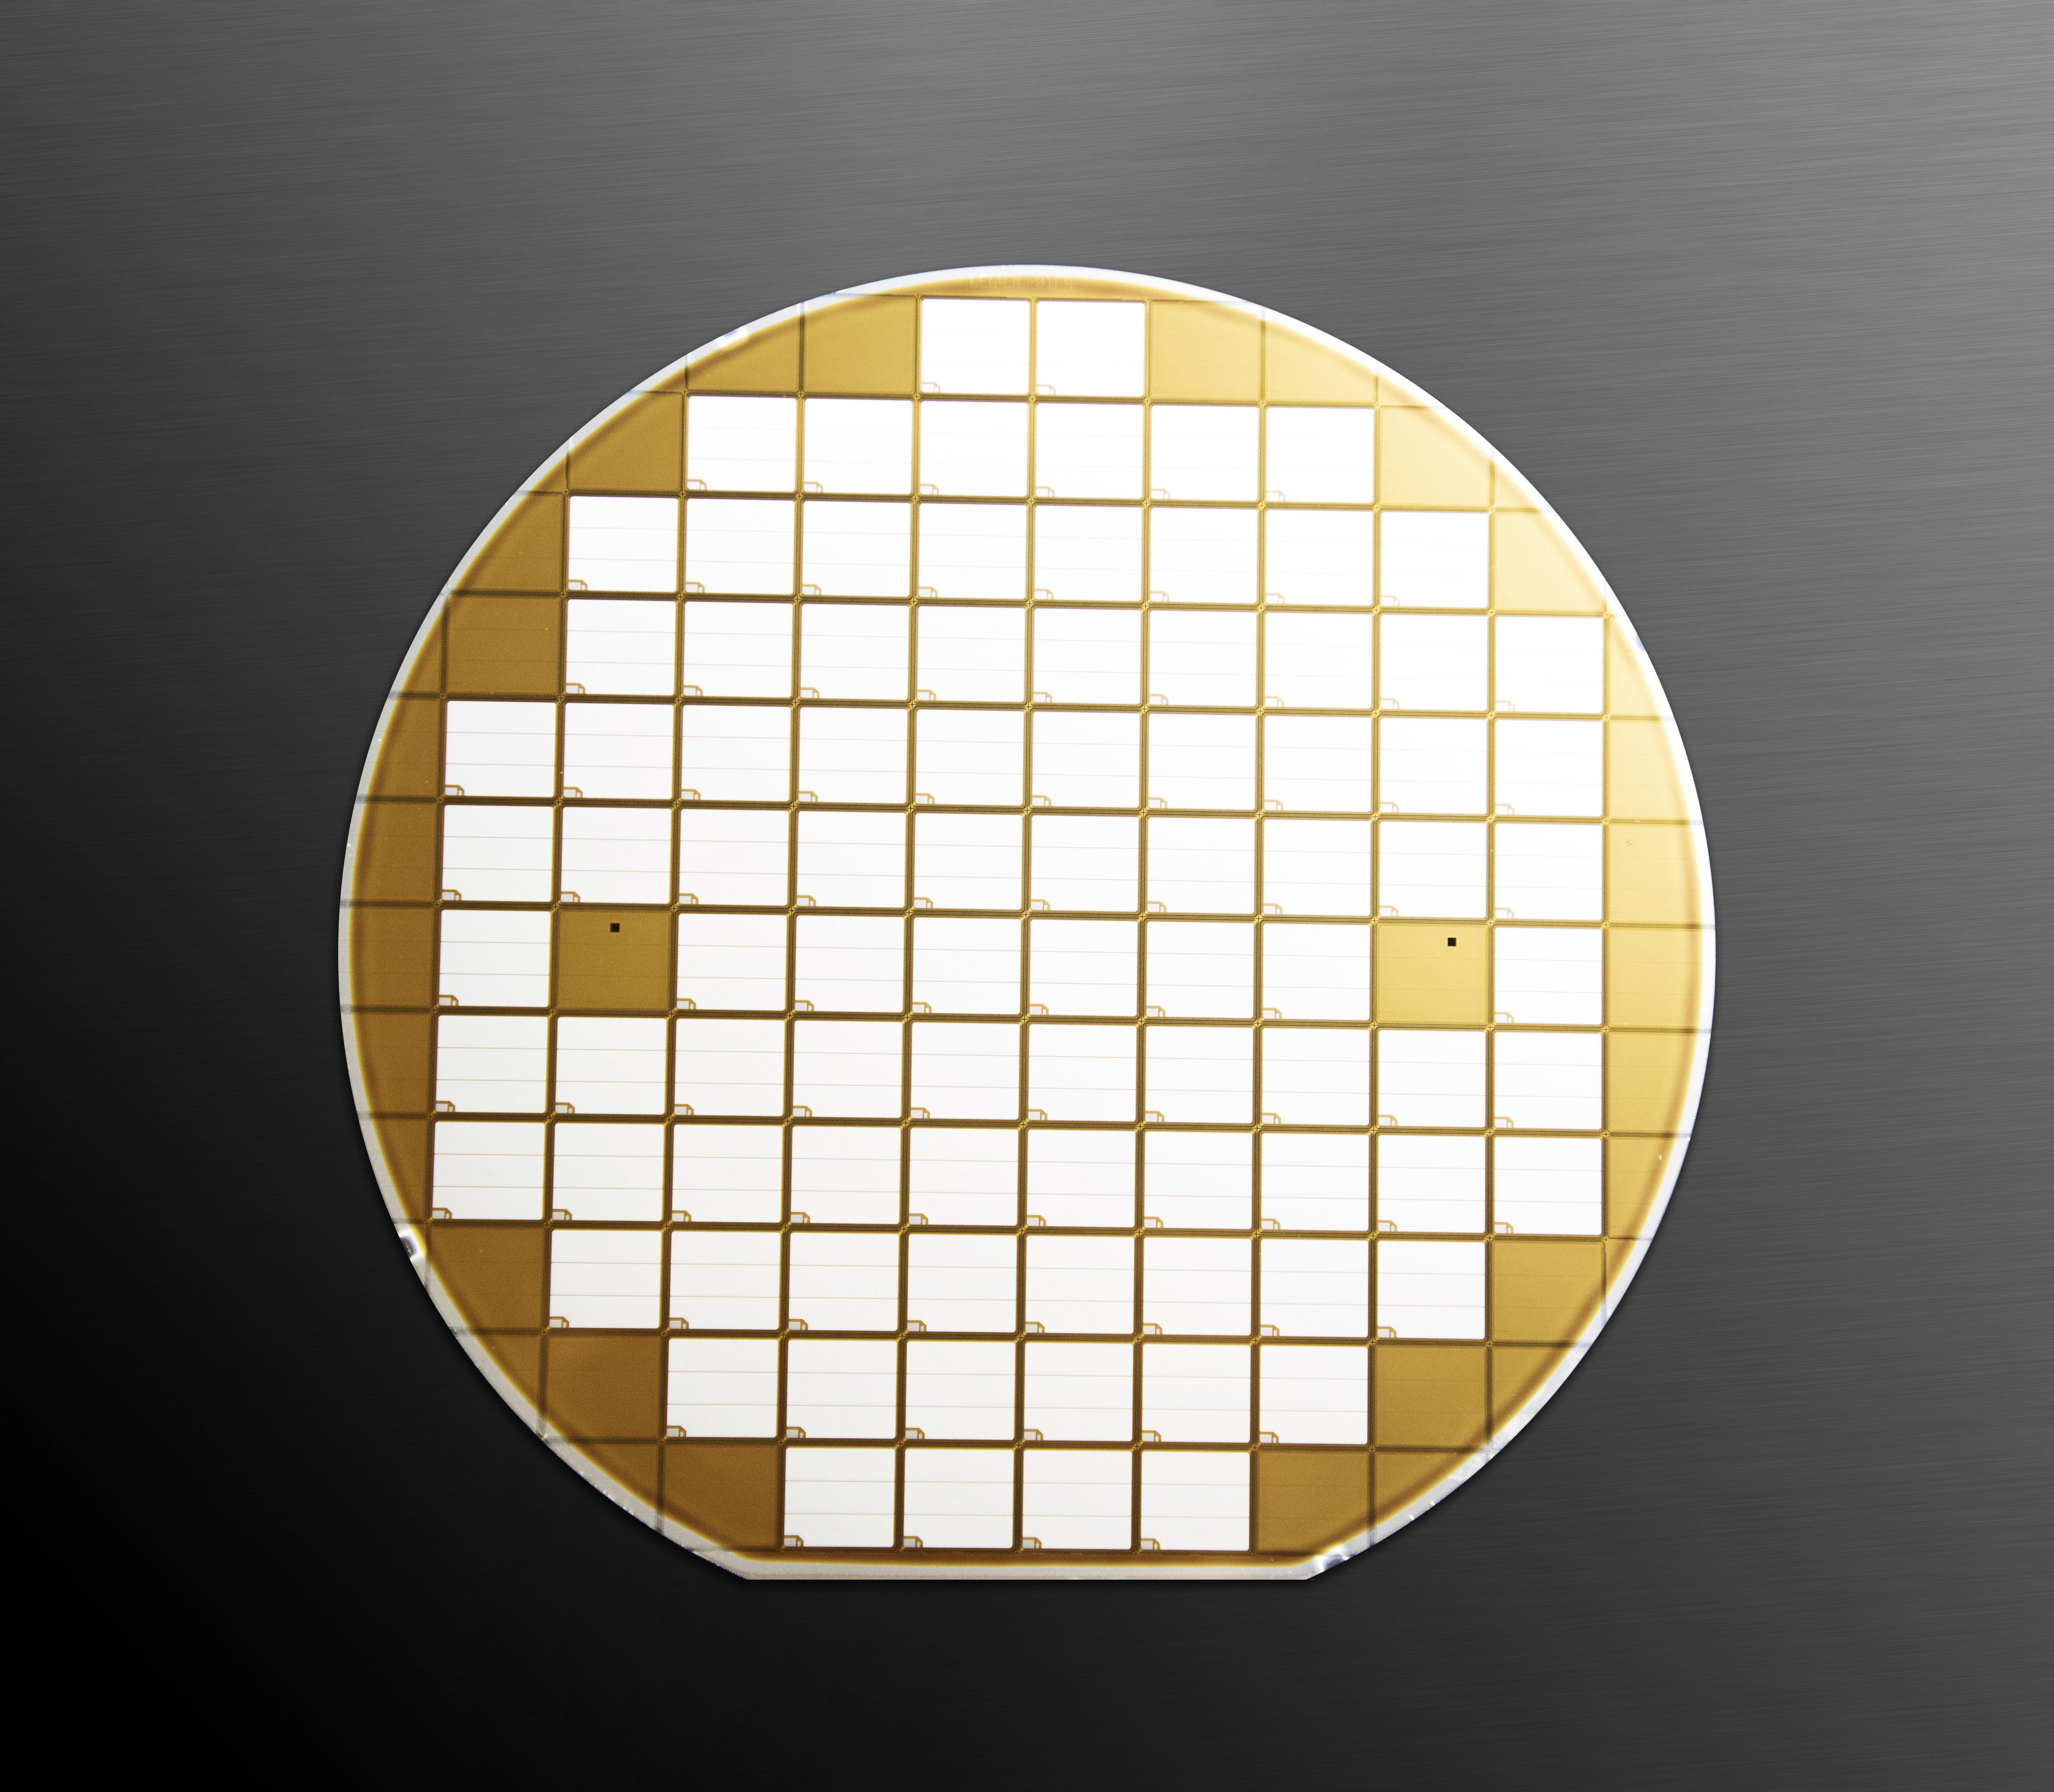 比亚迪IGBT4.0晶圆.jpg